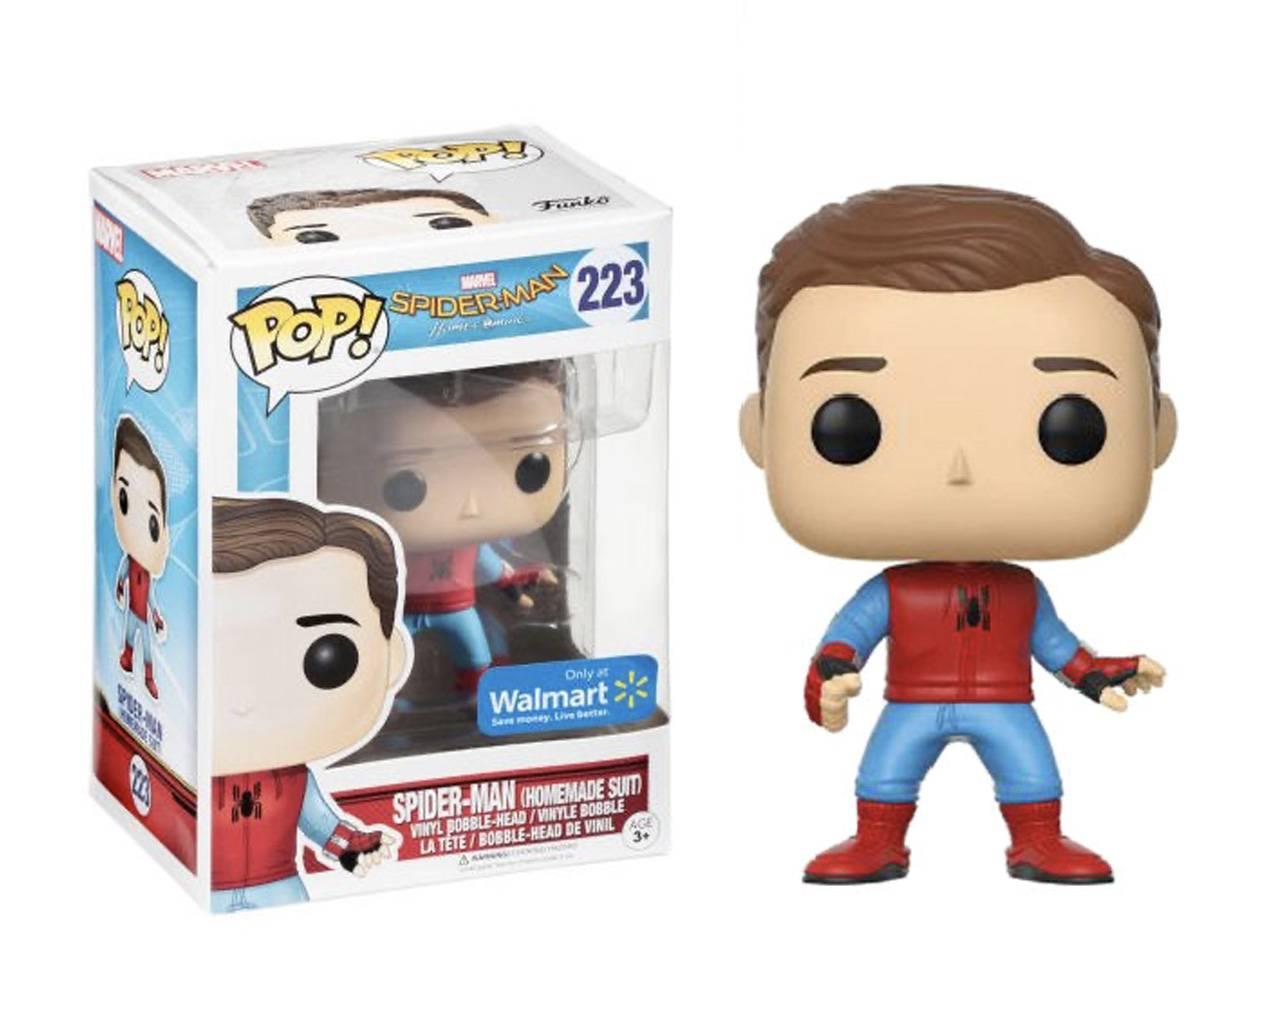 Spider-Man Homemade Suit (Unmasked) Pop! Vinyl